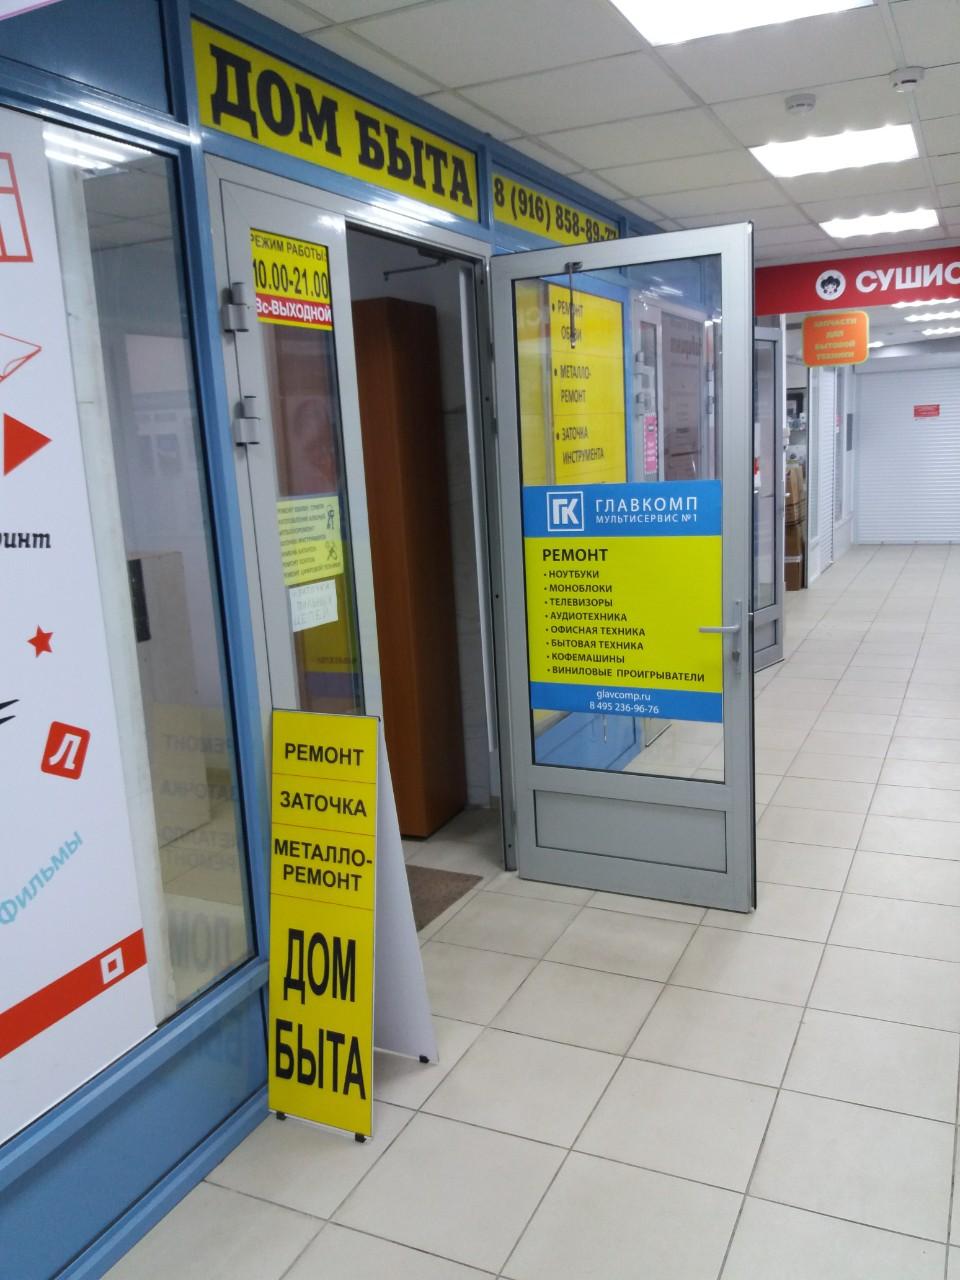 Ремонт бытовой техники у метро улица Старокачаловская.